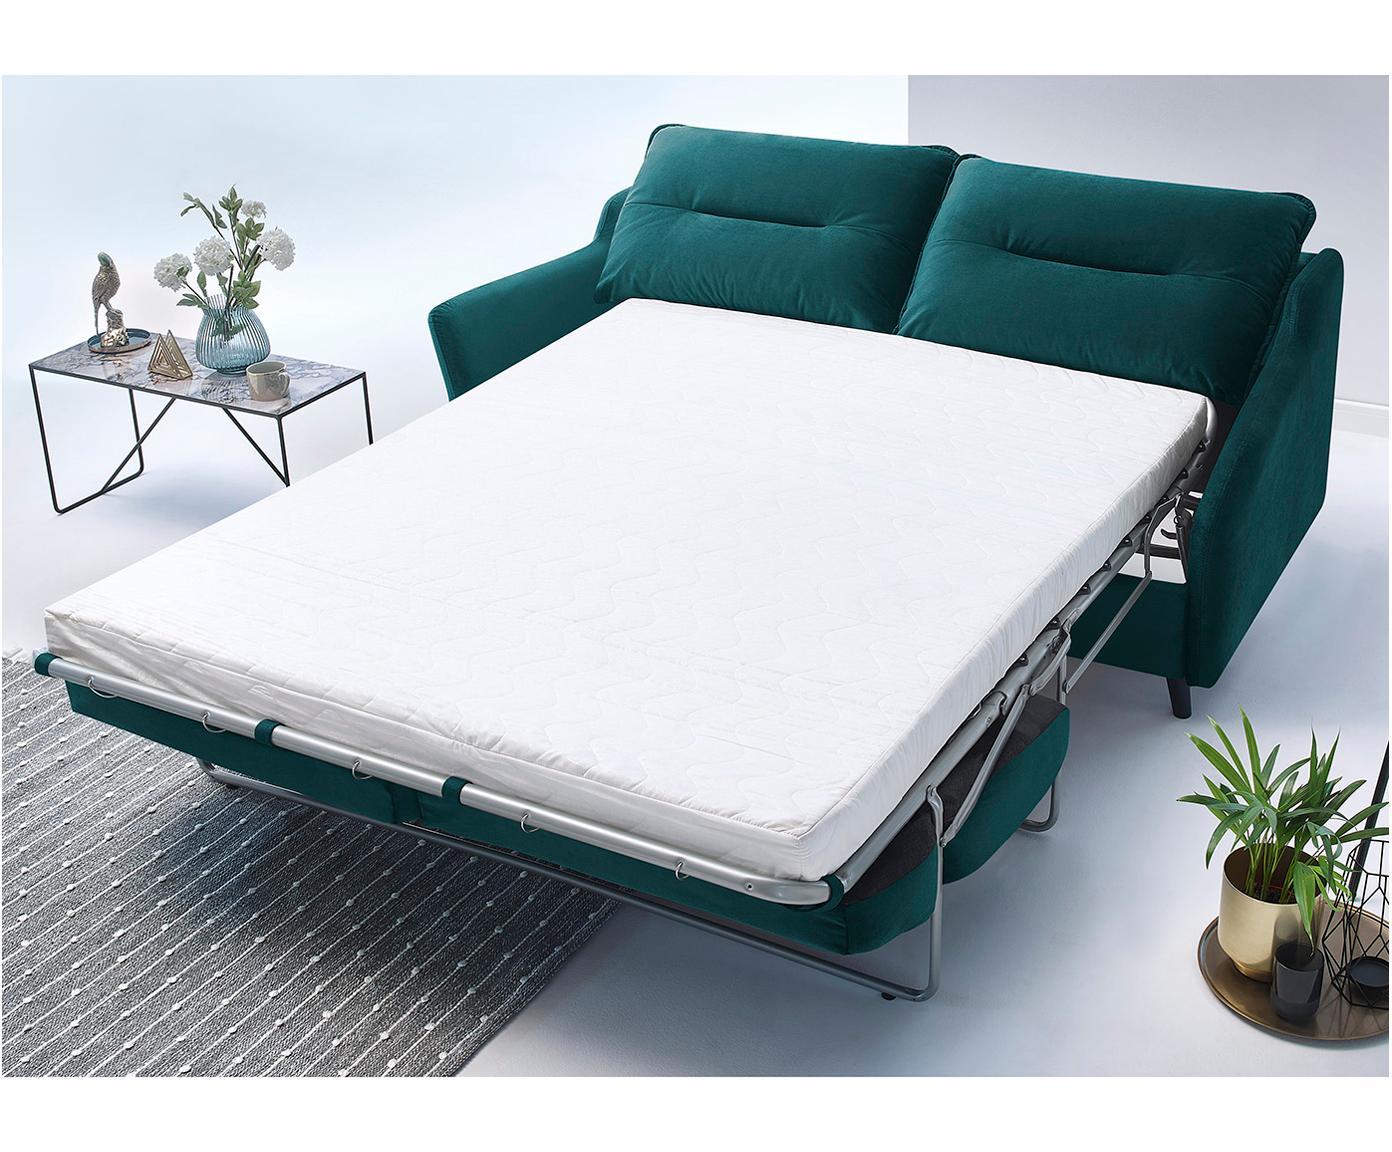 Sofa rozkładana z aksamitu Loft (3-osobowa), Tapicerka: 100% aksamit poliestrowy, Nogi: metal lakierowany, Szmaragdowy, S 191 x G 100 cm